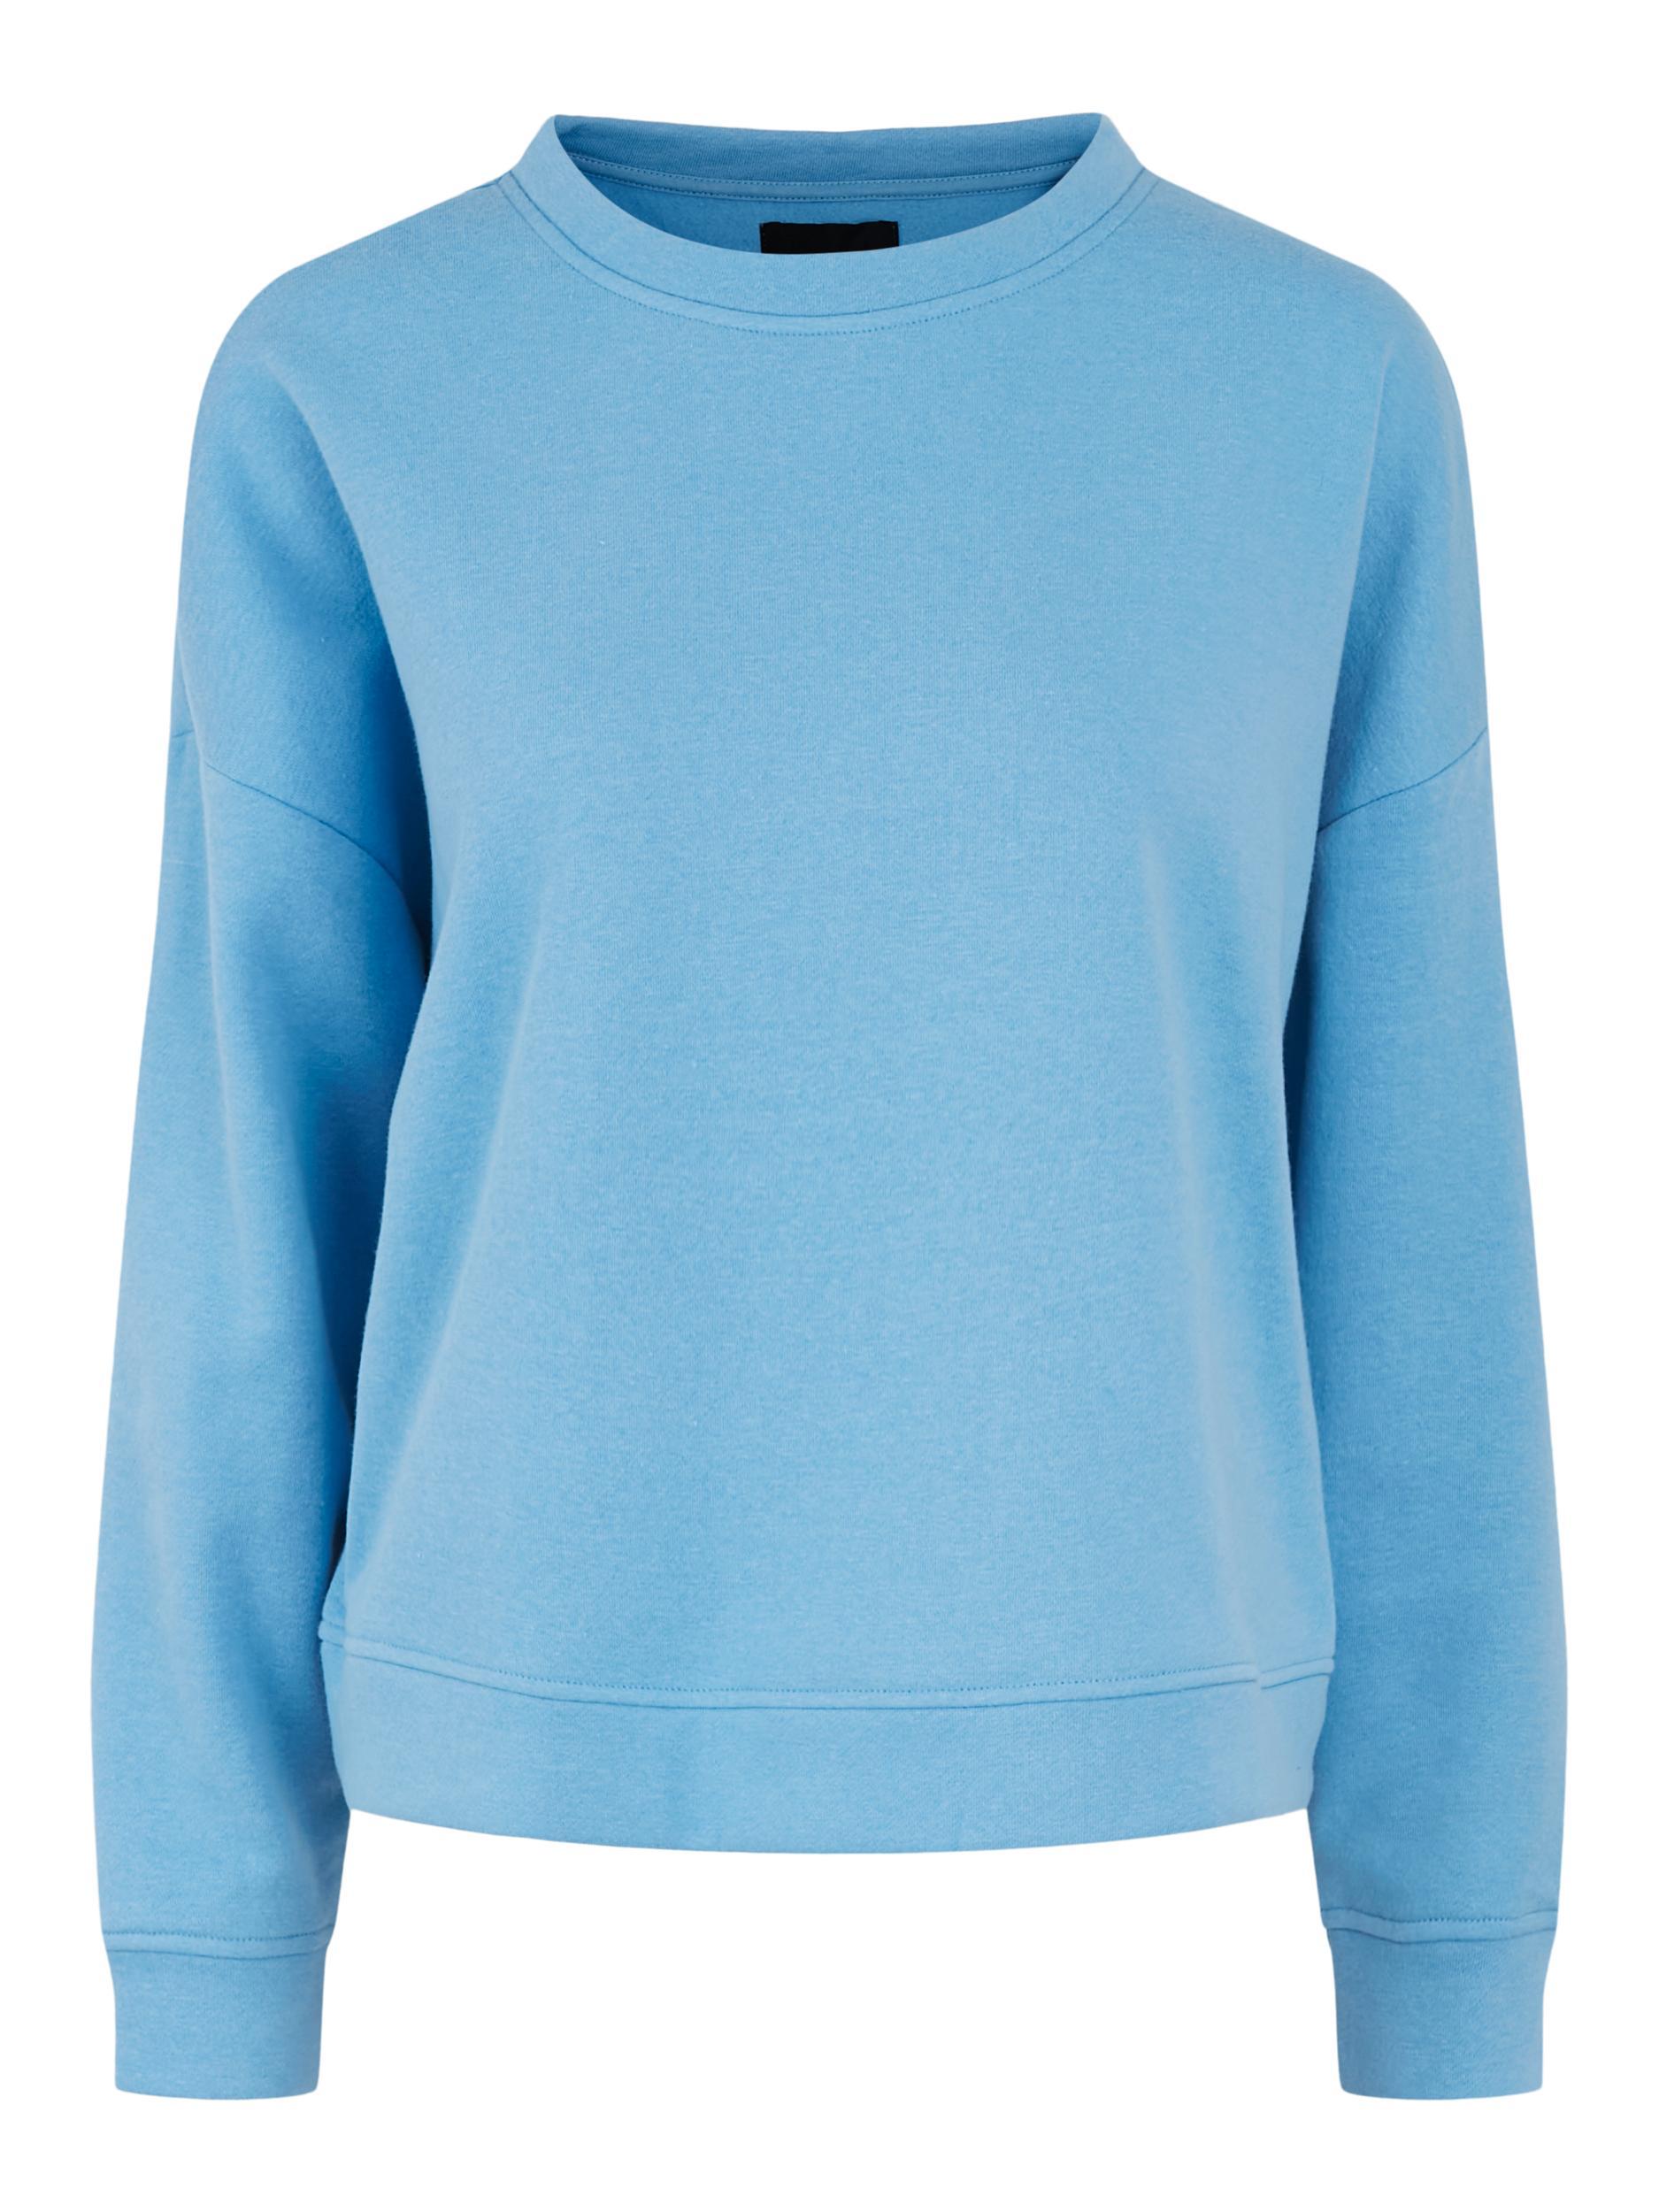 Pieces Chilli LS sweatshirt, little boy blue, medium